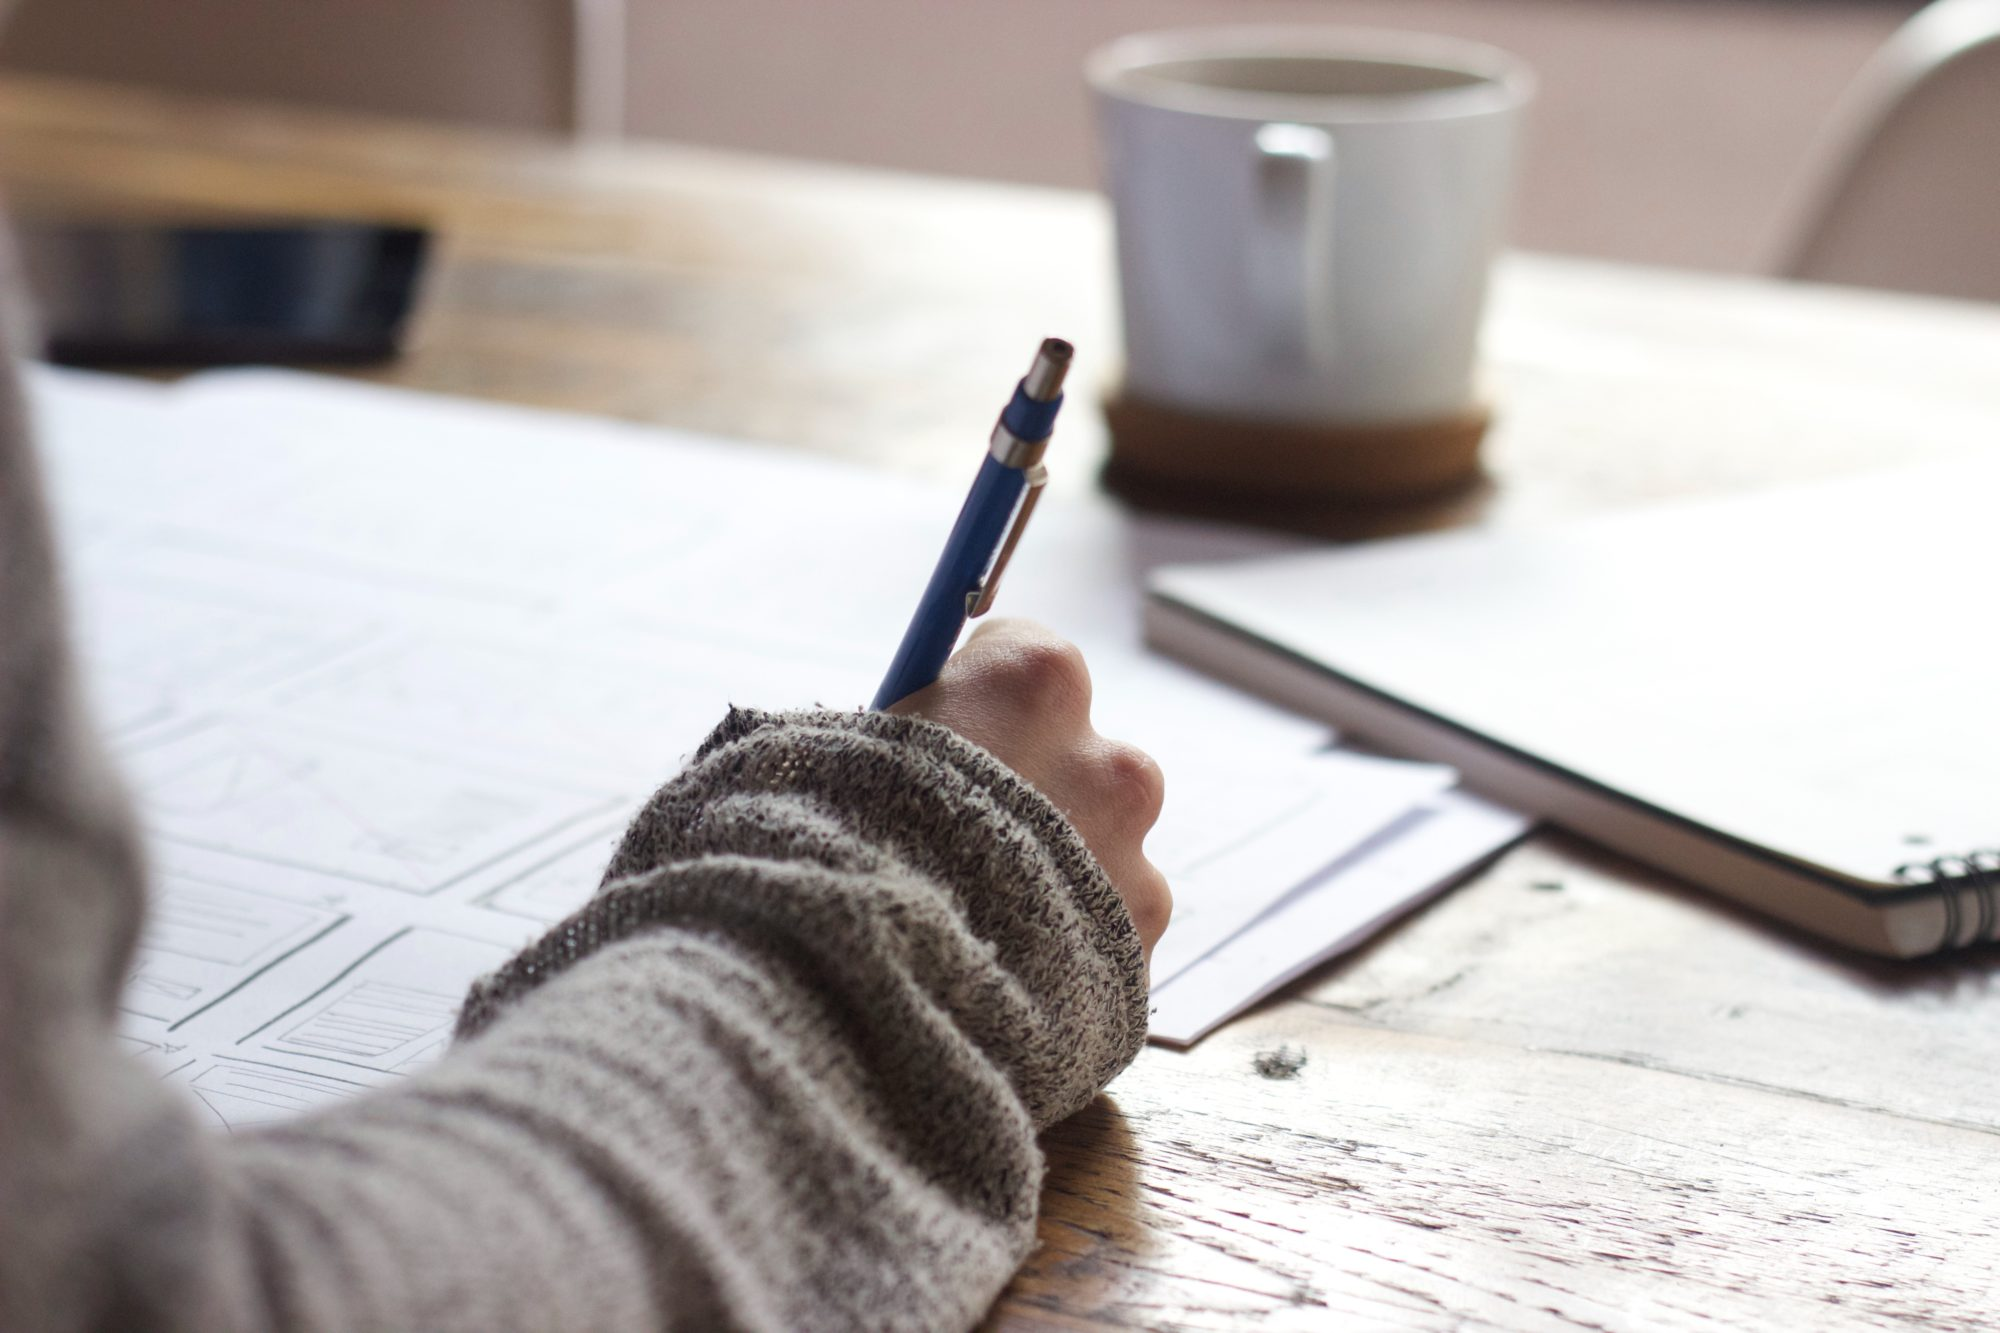 Punctuation Repair Kit desk pen writing - Punctuation Repair Kit